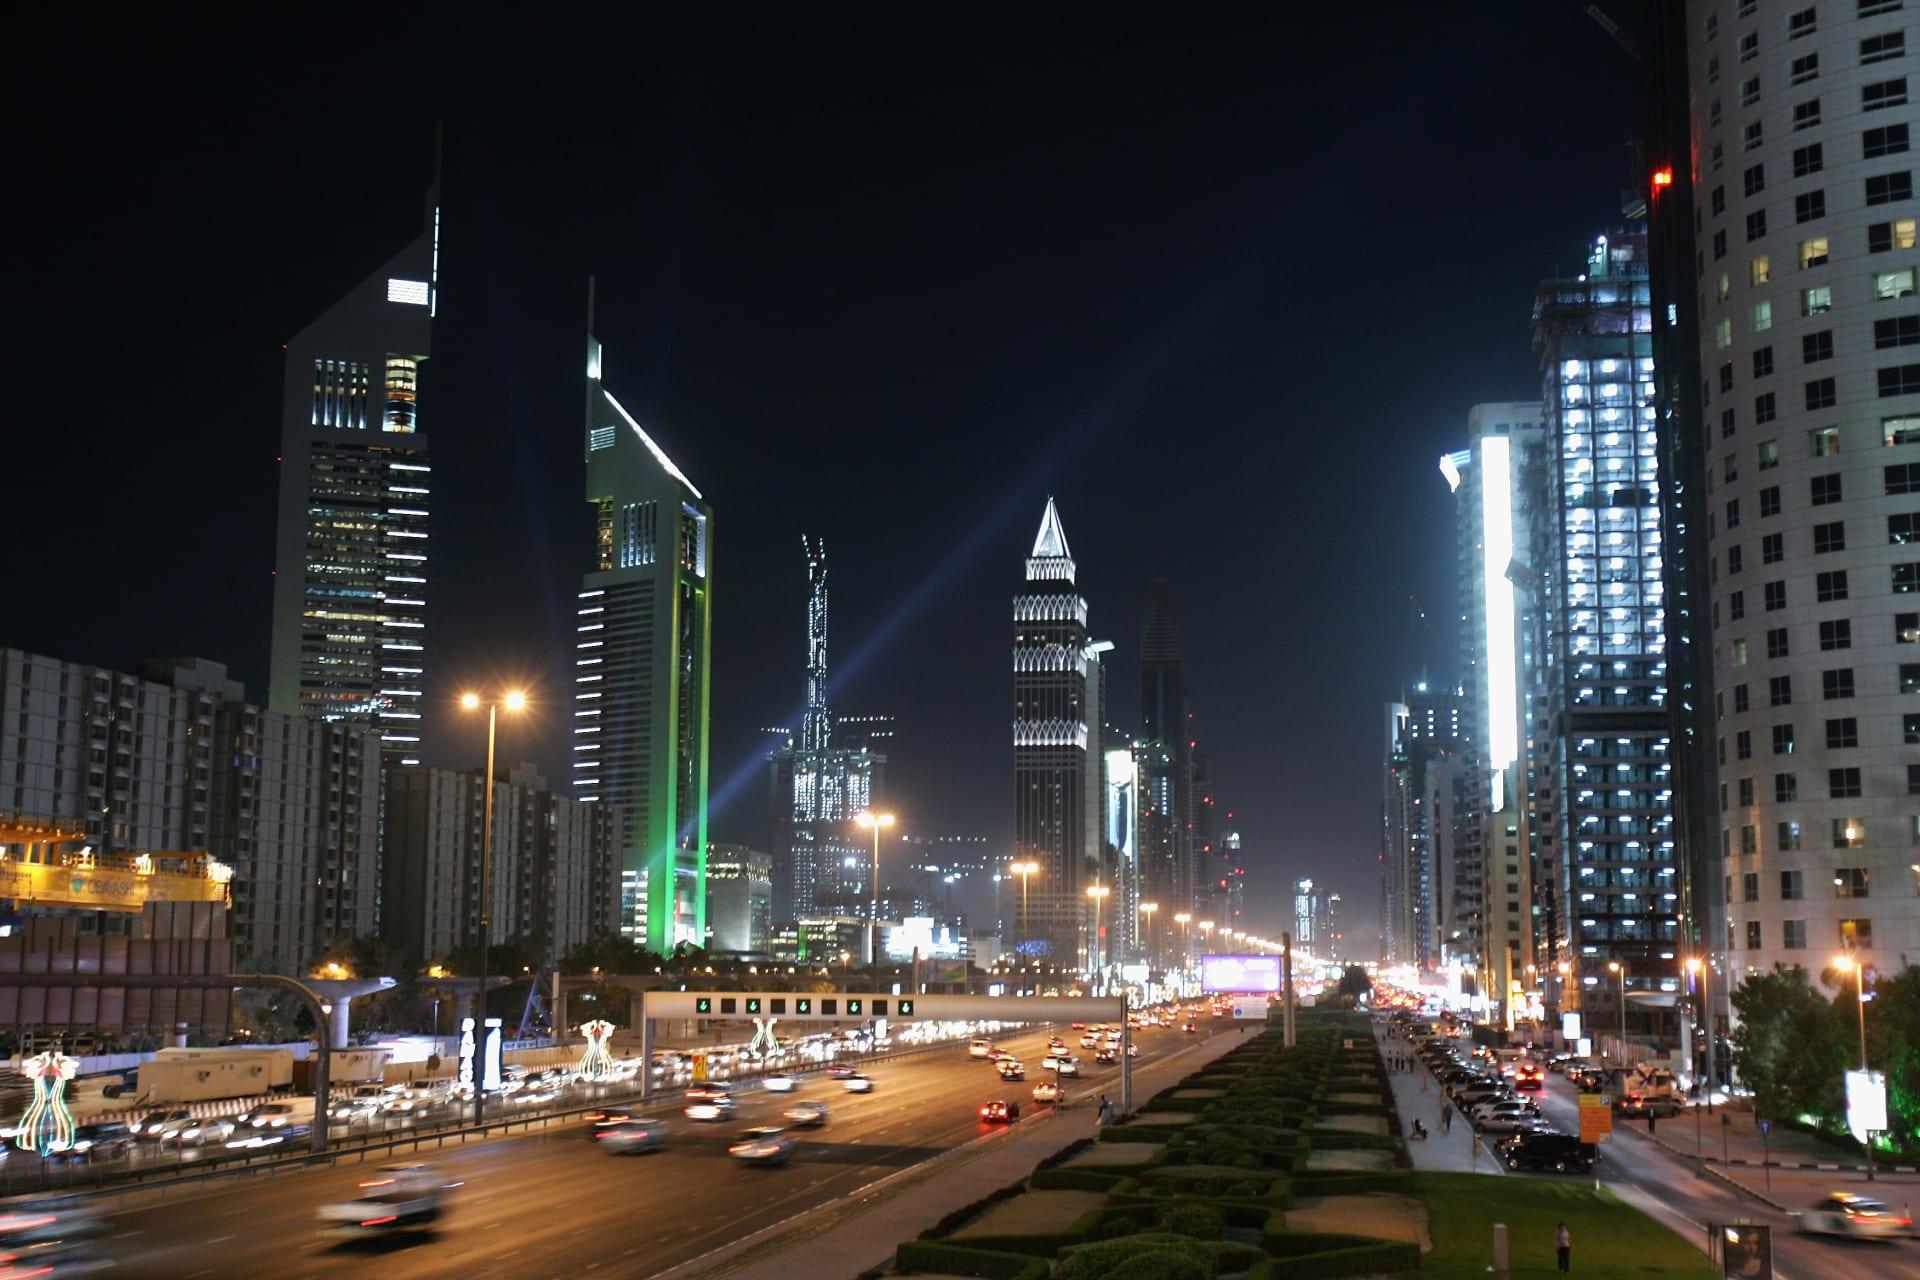 """الإمارات أول دولة عربية تعتمد """"الإجازة الوالدية"""" للقطاع الخاص.. فما هي؟"""